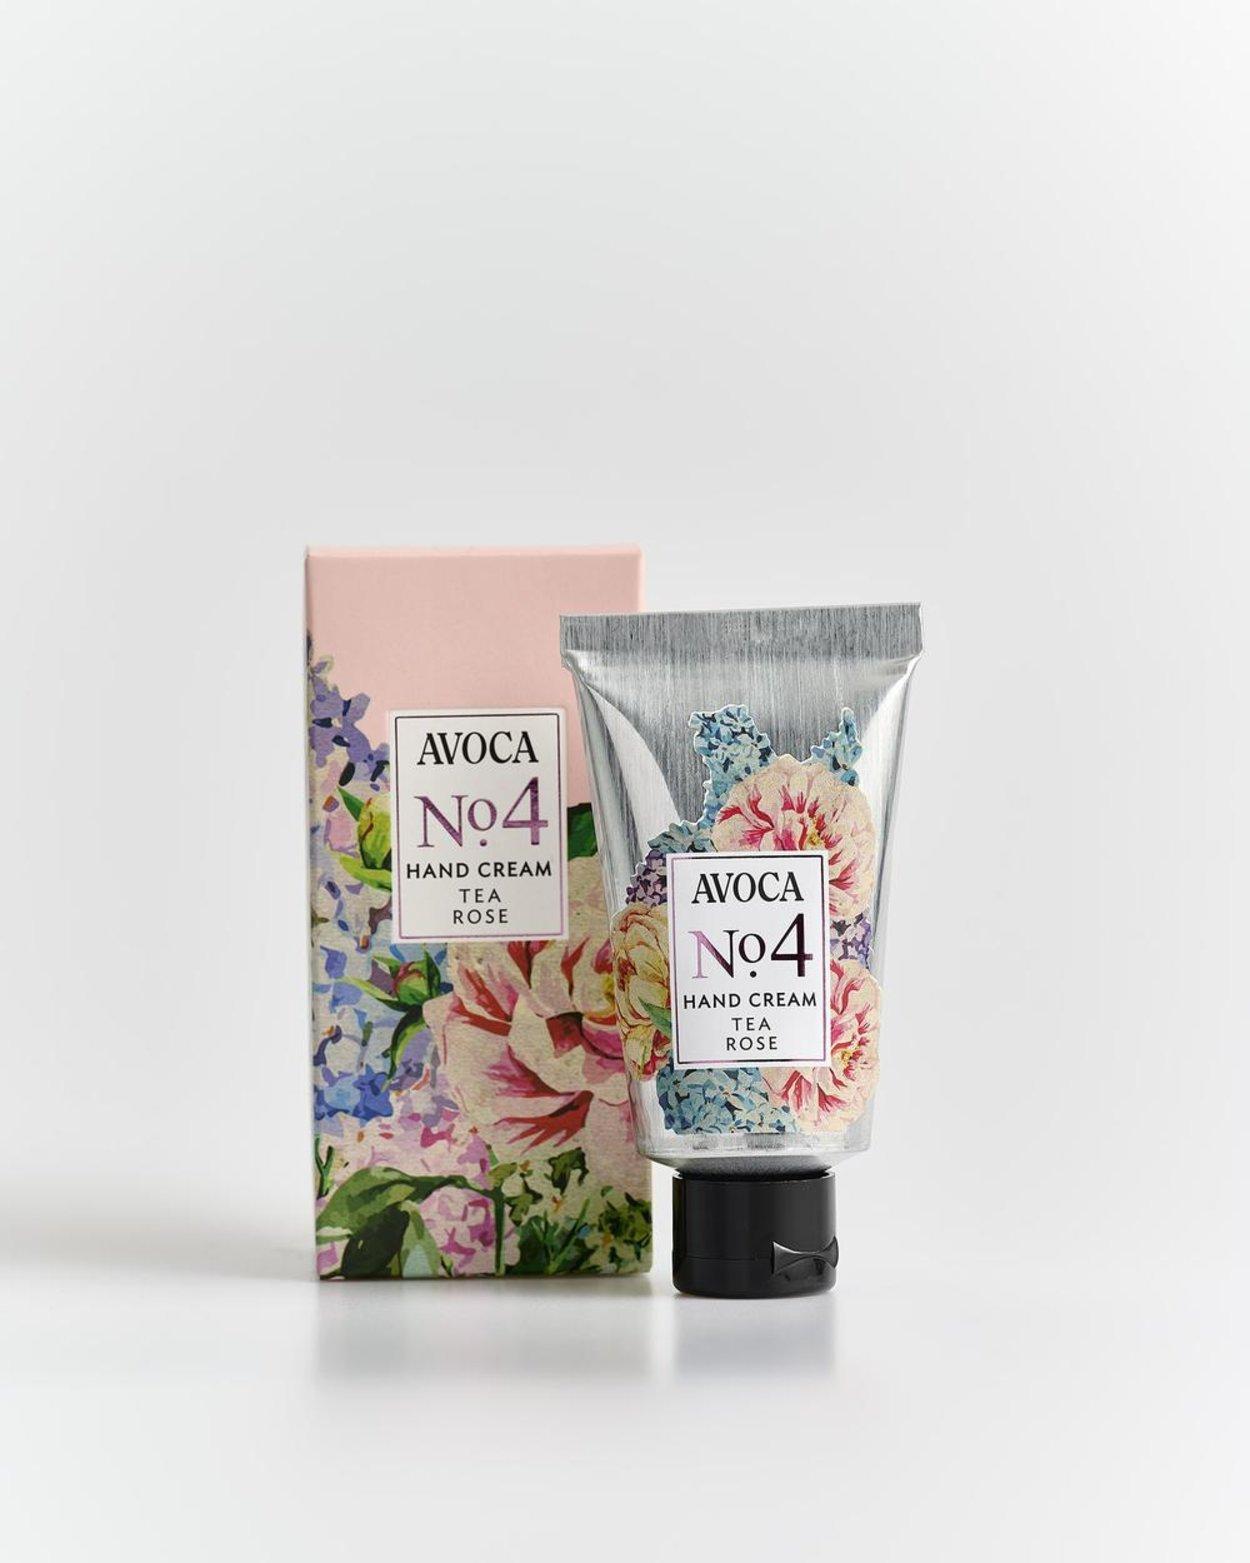 Avoca No 4 Hand Cream - Tea Rose